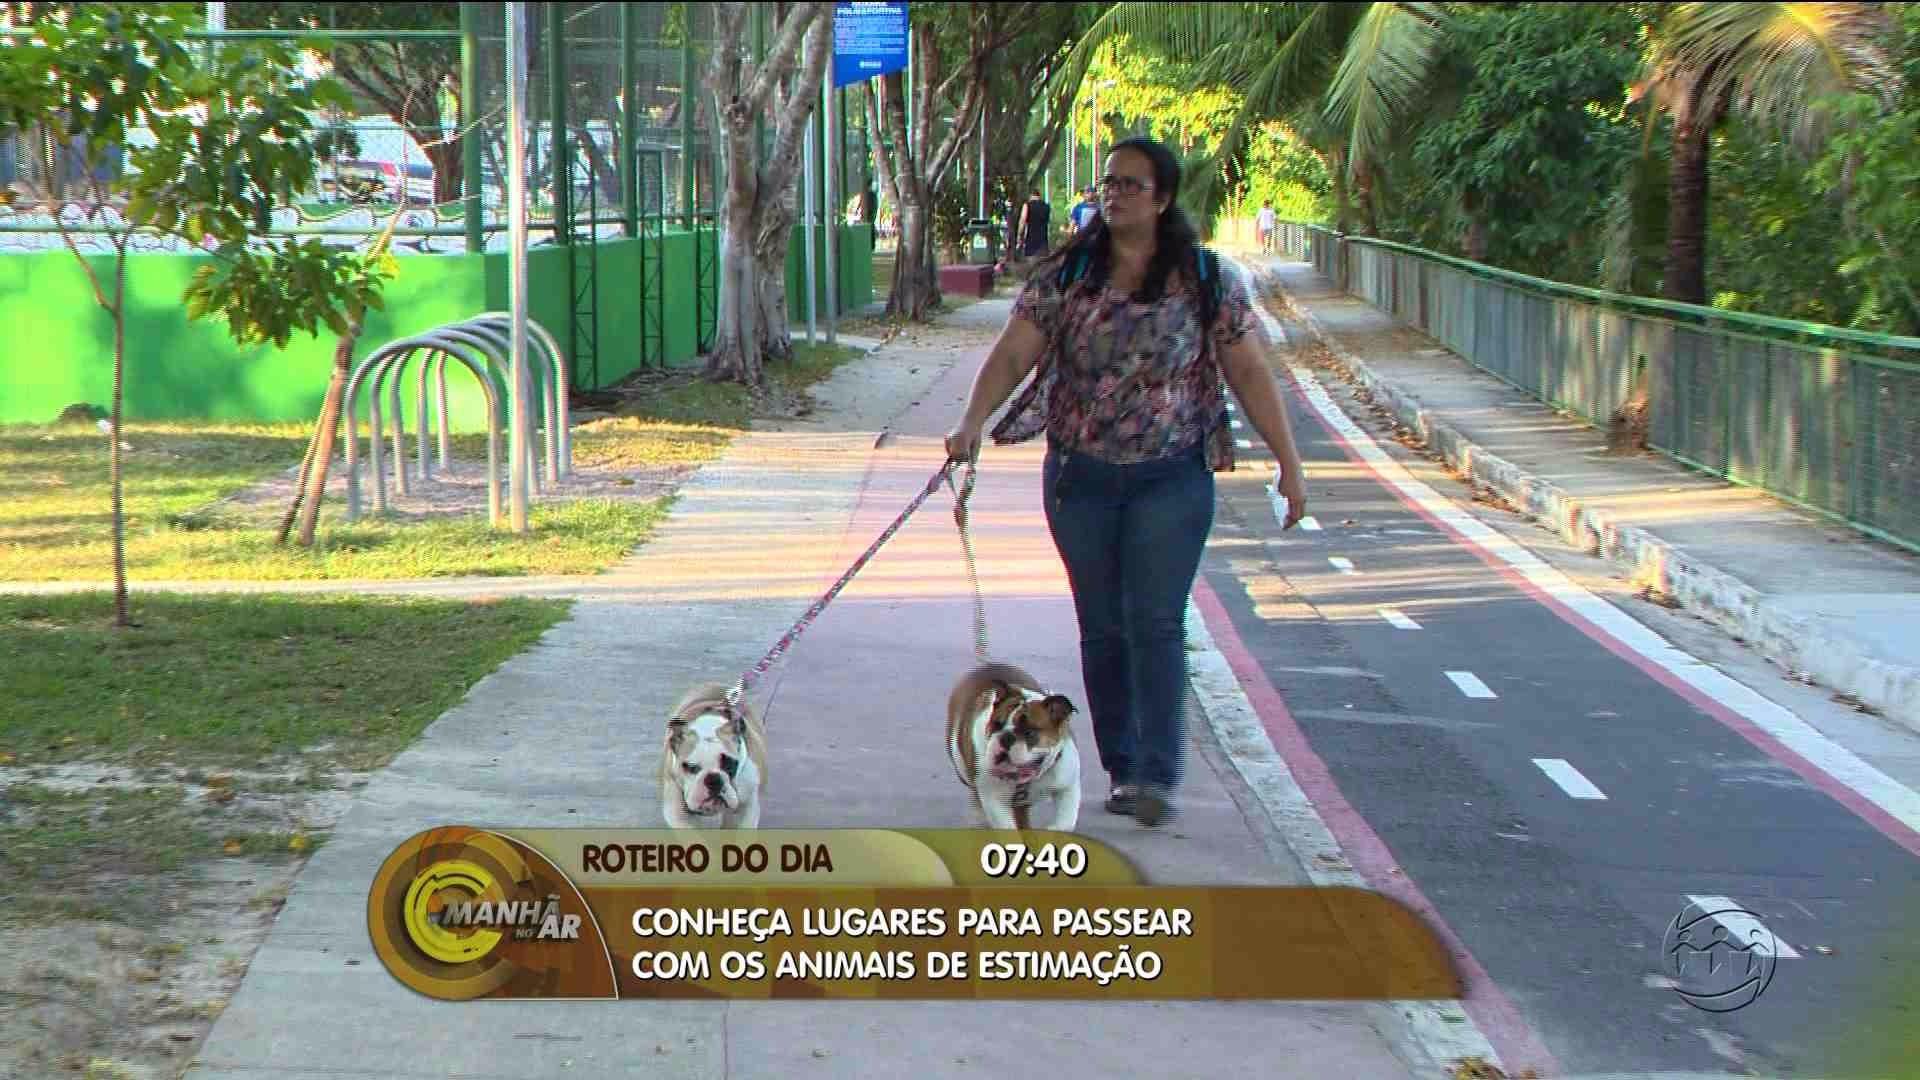 CONFIRA DICAS DE LUGARES PARA PASSEAR COM ANIMAIS DE ESTIMAÇÃO - Manhã no Ar 18/08/17 - Alô Amazonas 18/08/2017